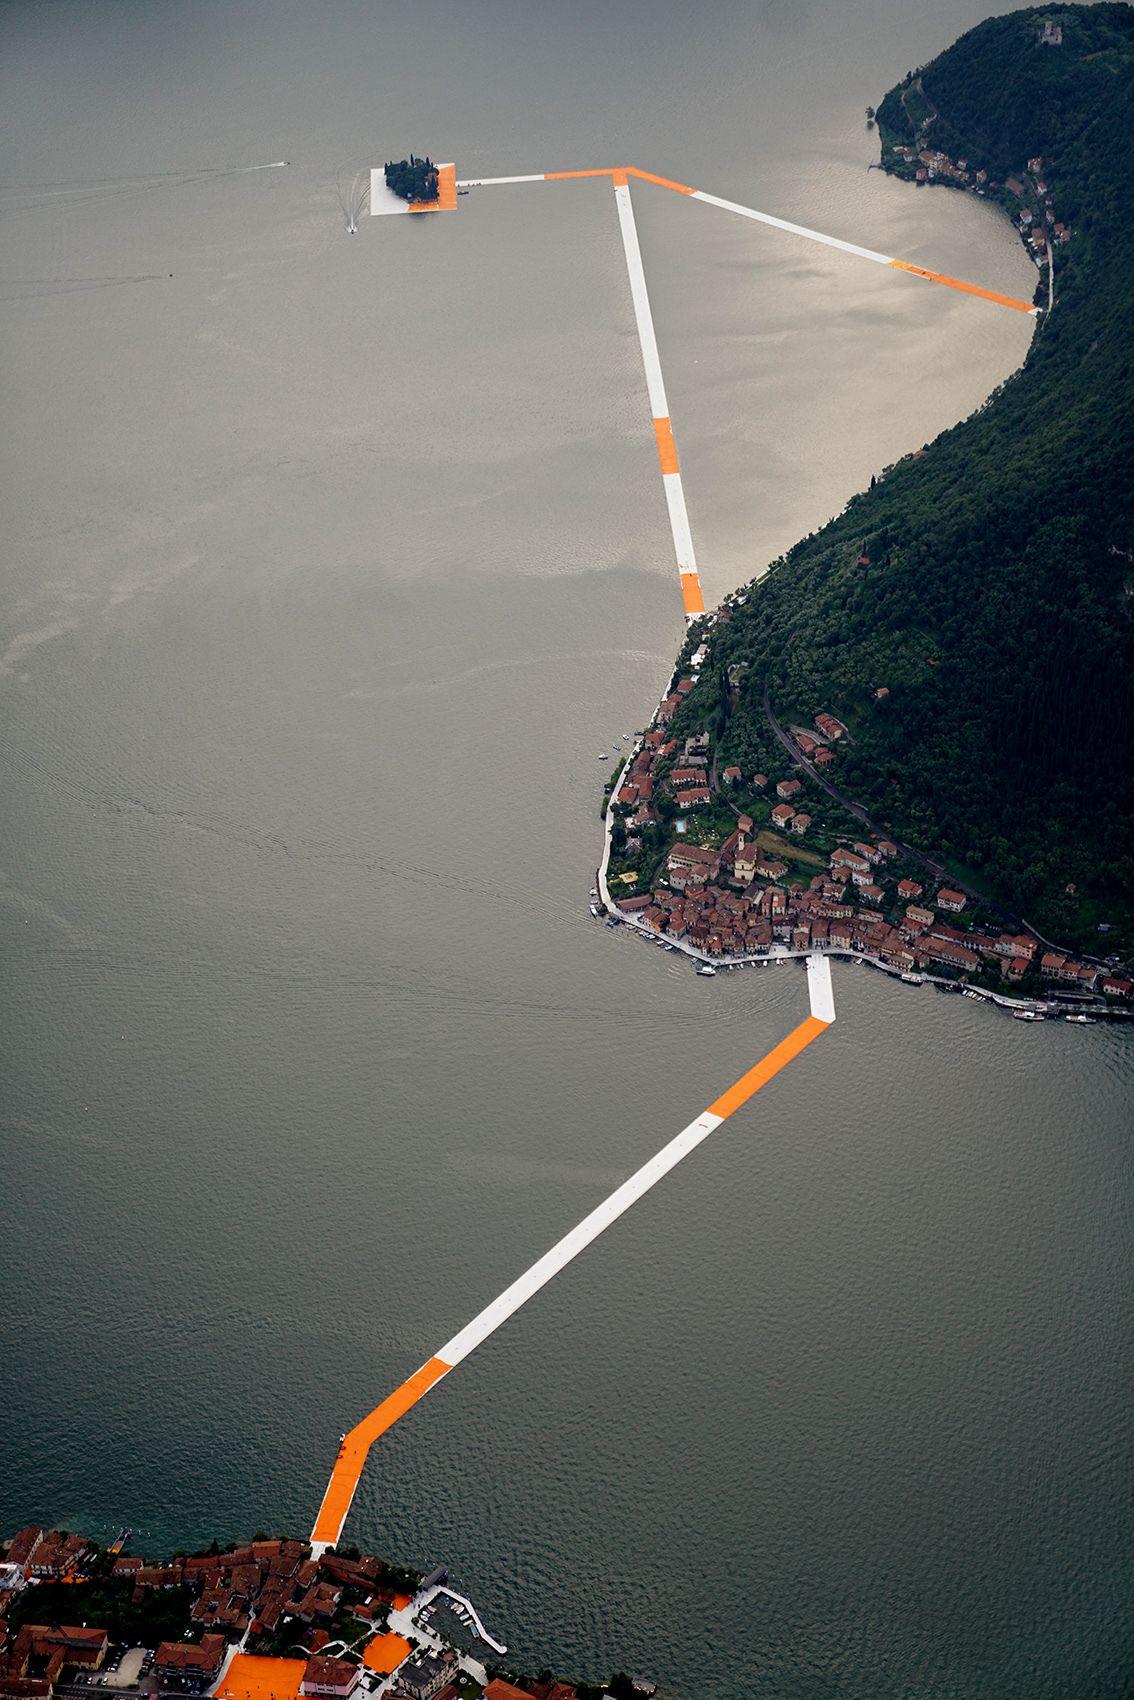 Imagen 22 de 34 de la galería de The Floating Piers: Cómo se construyó la última gran obra de Christo y Jeanne-Claude. Fotografía de Wolfgang Volz